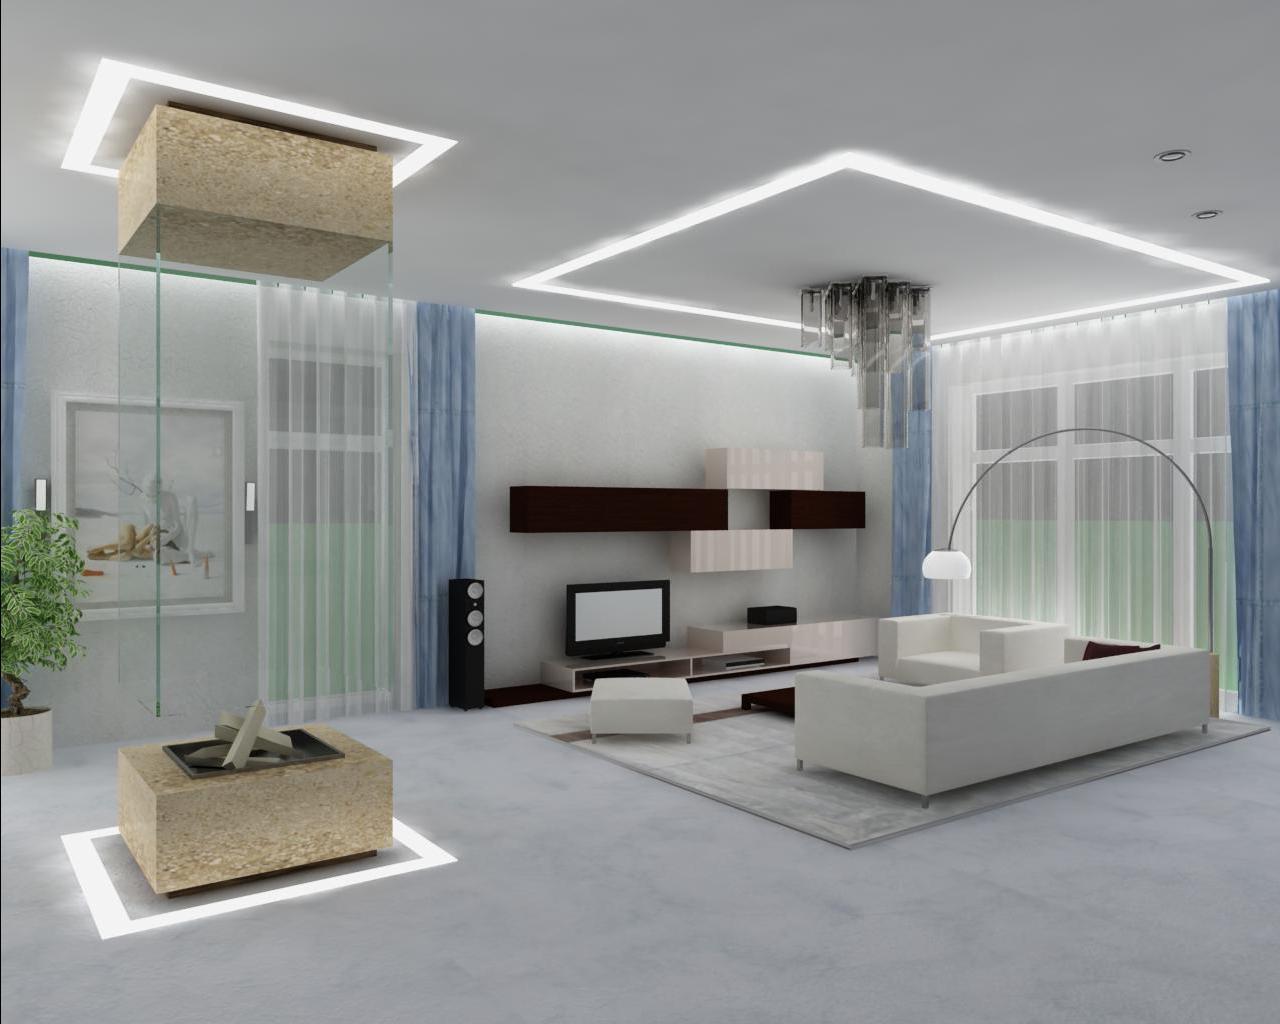 внешне крупнее потолок хай тек фото модели